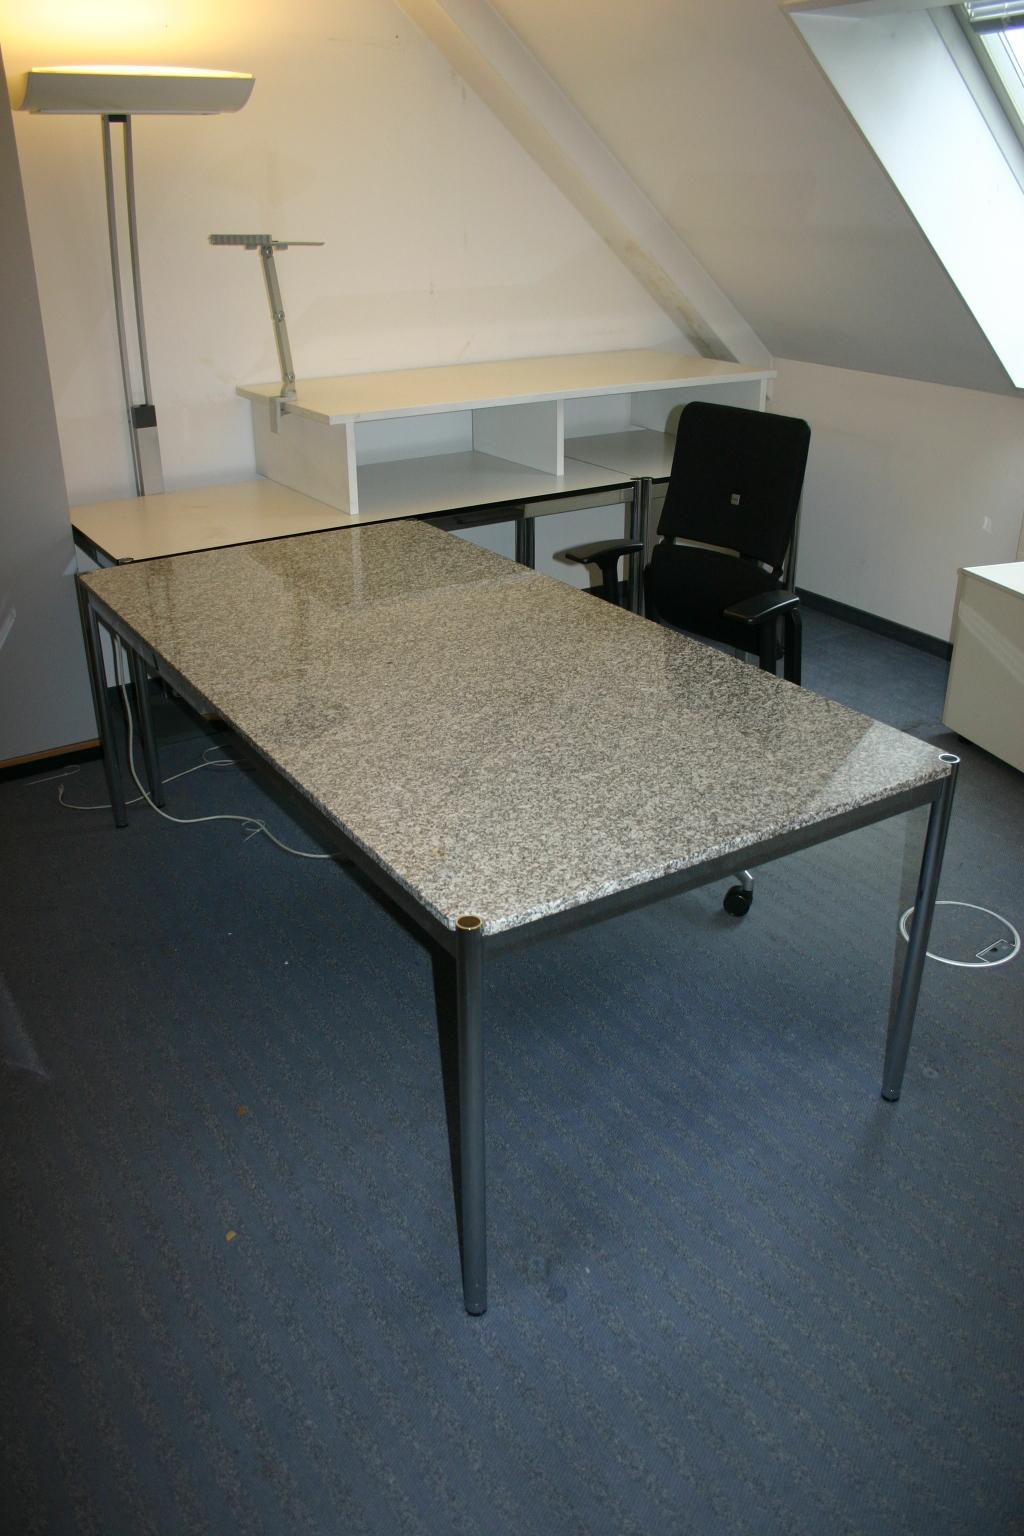 schreibtisch 150 x 75 aus granit von usm haller usm haller unsere kategorien. Black Bedroom Furniture Sets. Home Design Ideas